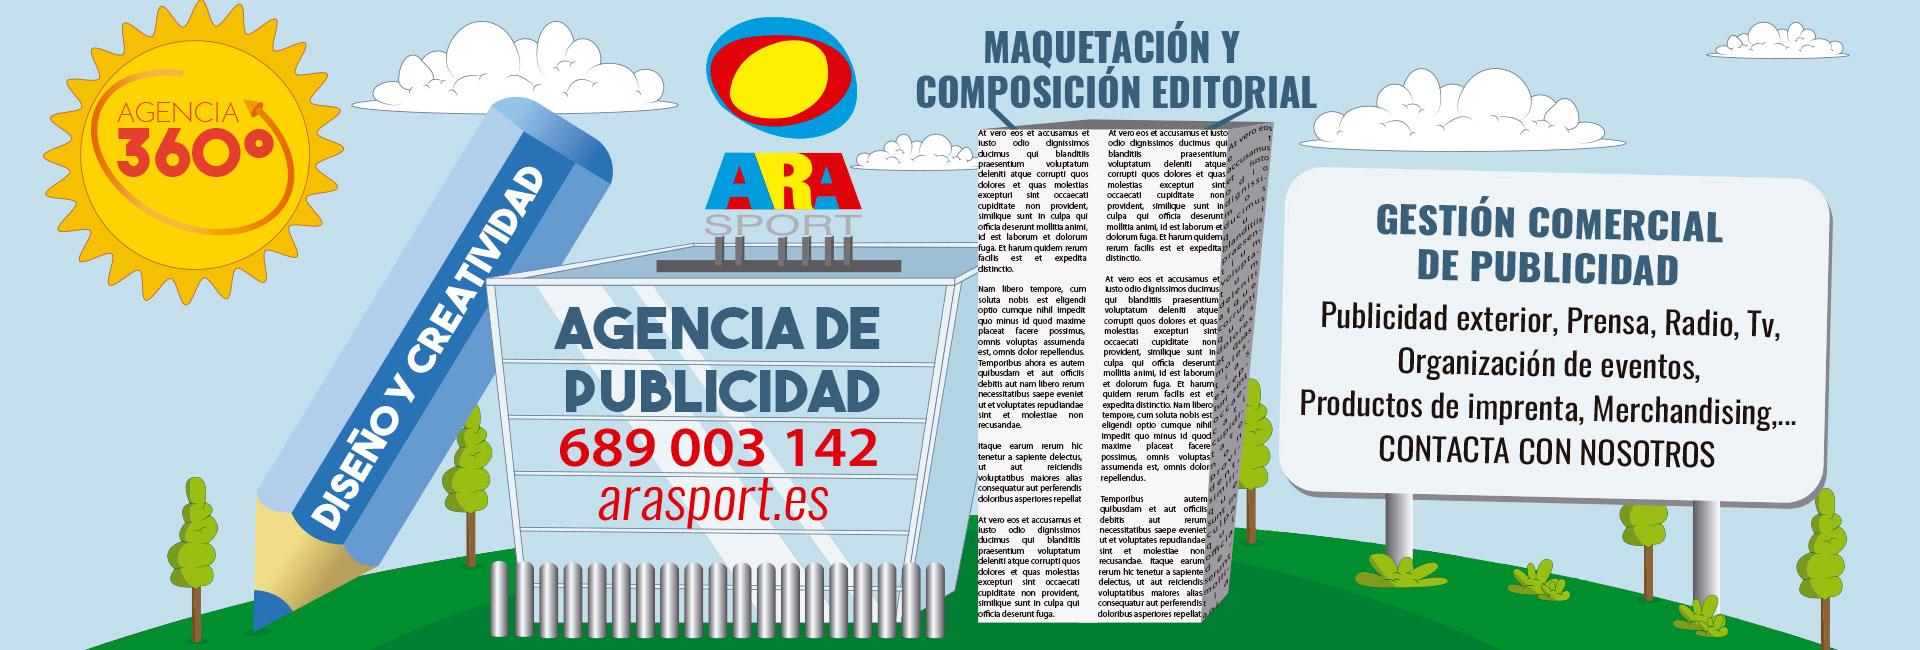 infografia-agencia-de-publicidad